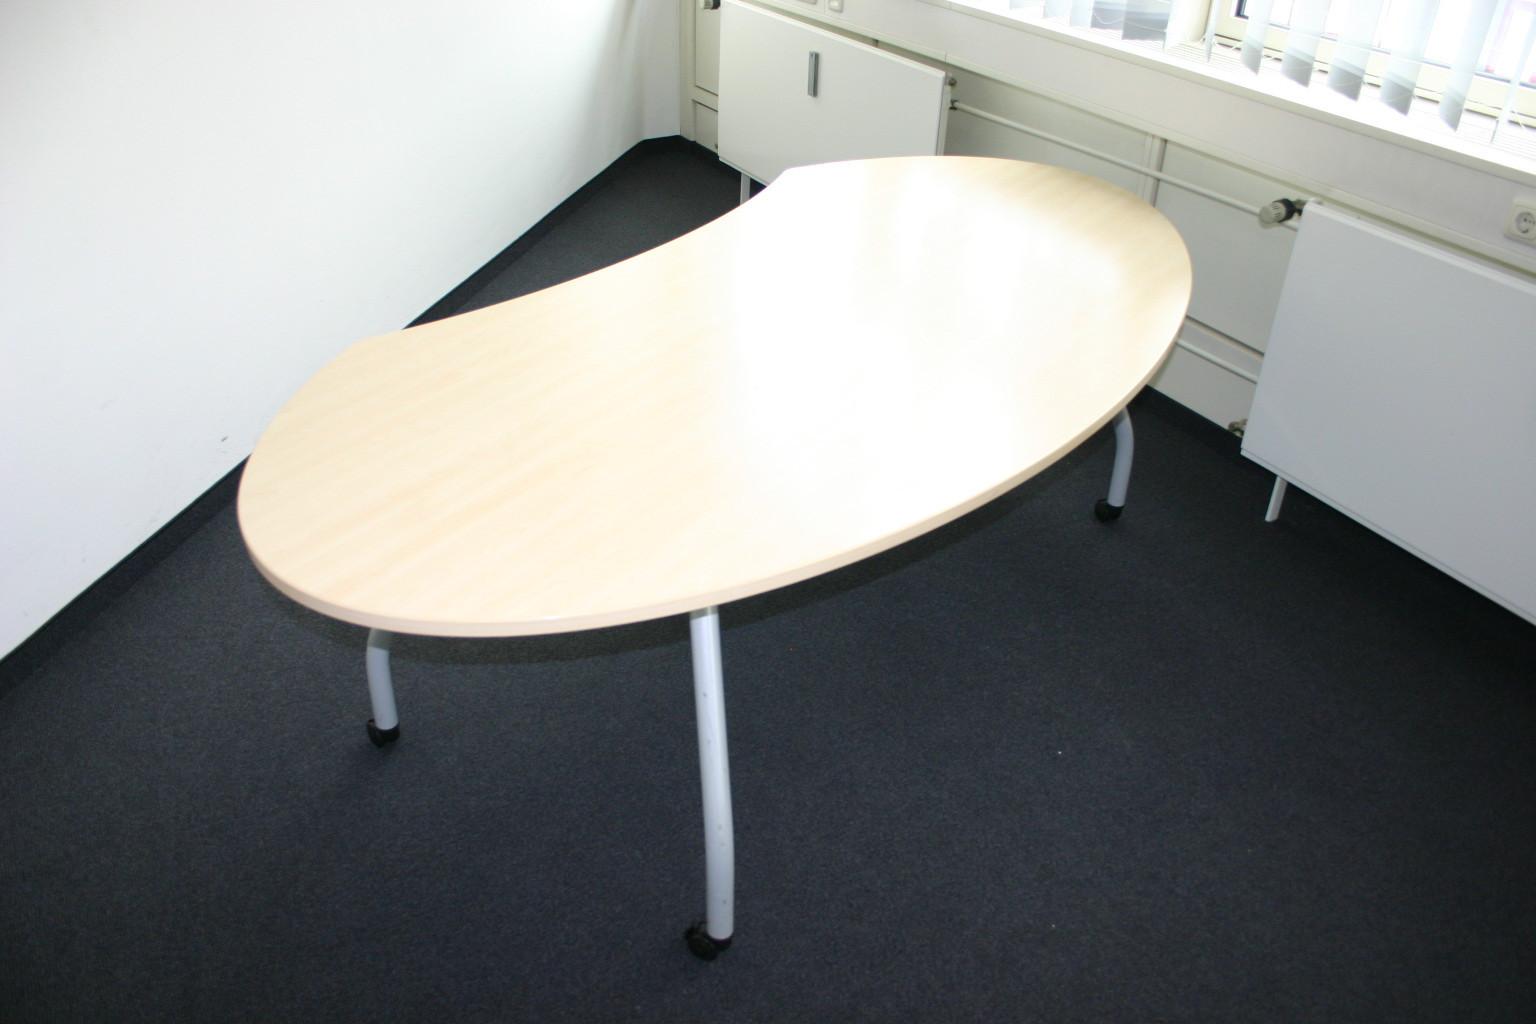 Schreibtisch 150 x 100 in ahorn von werndl modell frisco for Schreibtisch 150